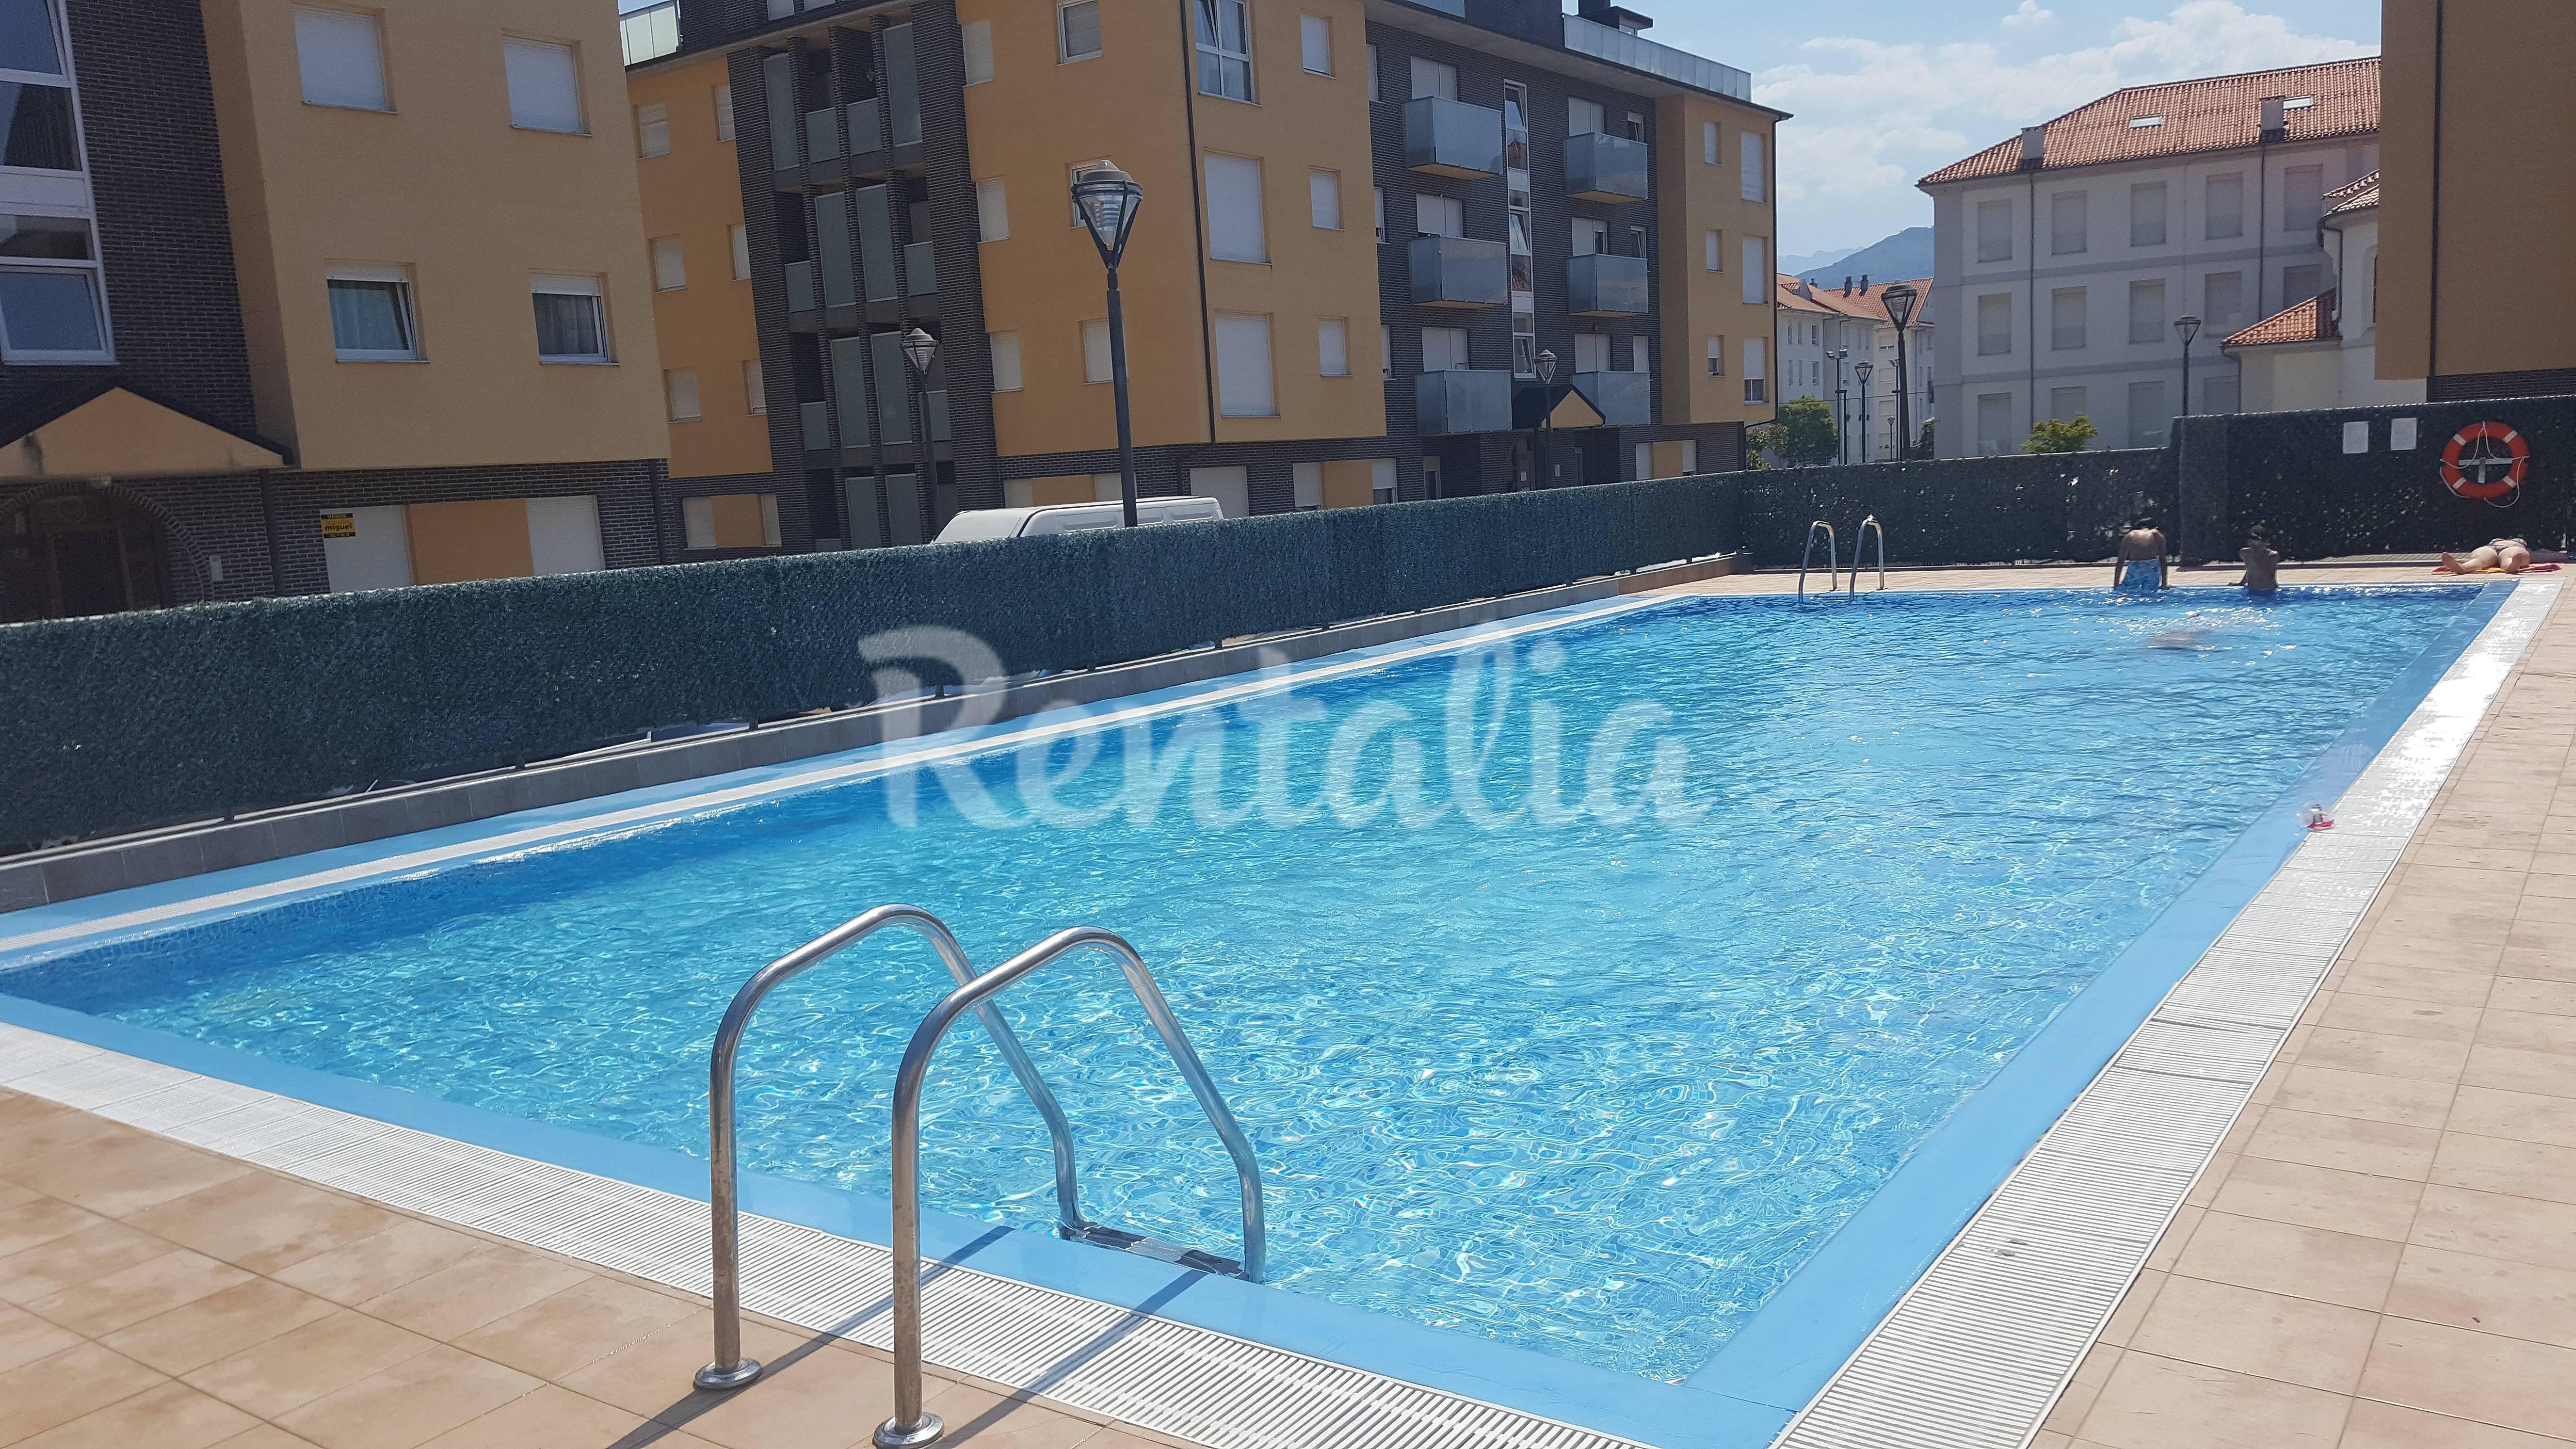 Formidable apartamento en unquera con piscina unquera - Piscina san vicente ...